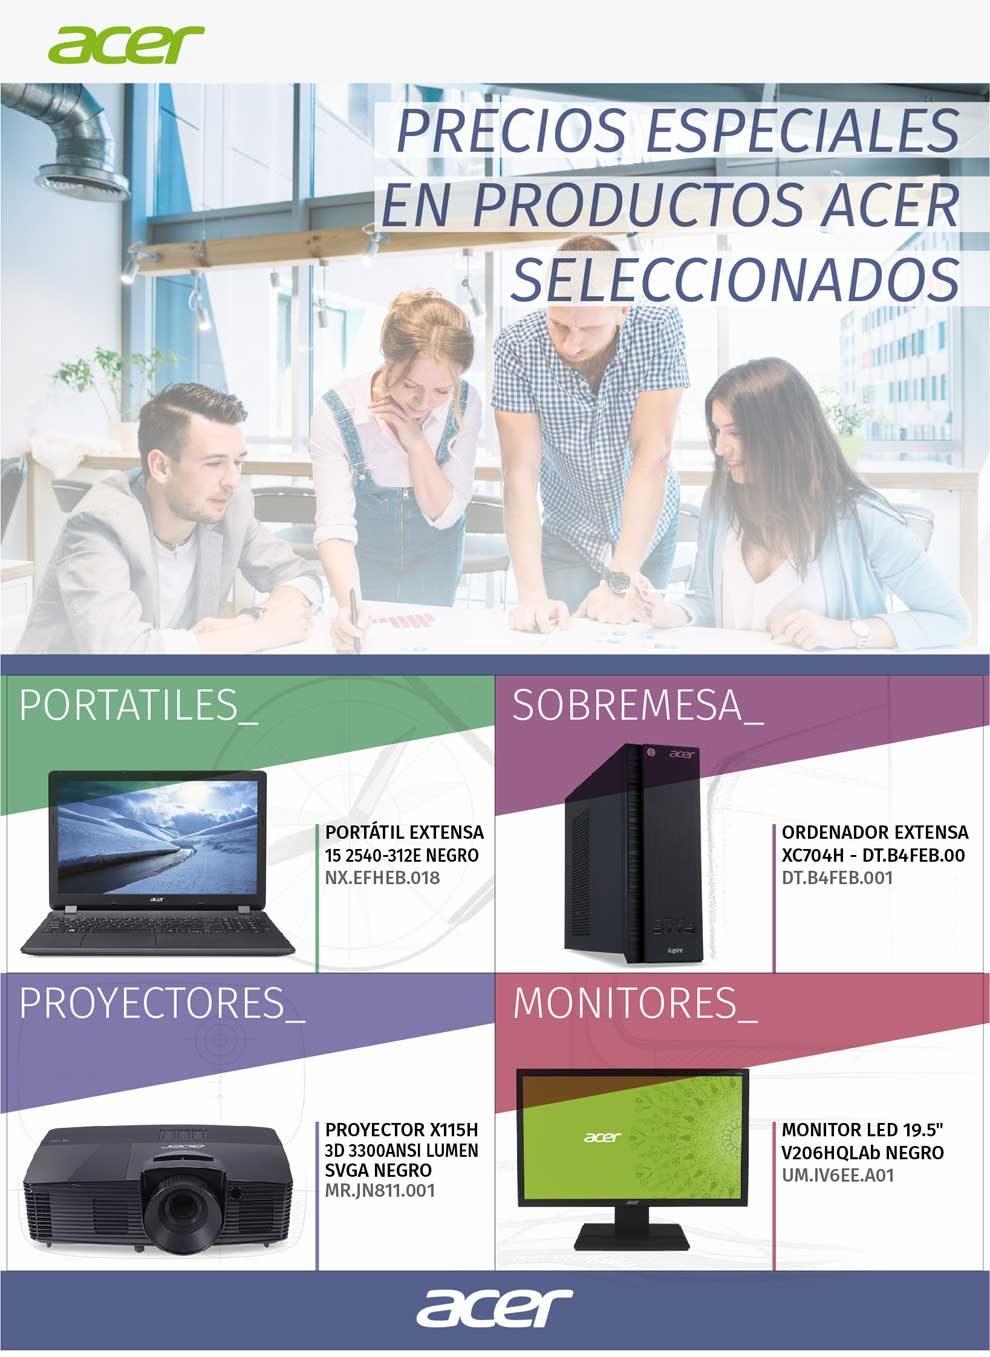 precios especiales Acer